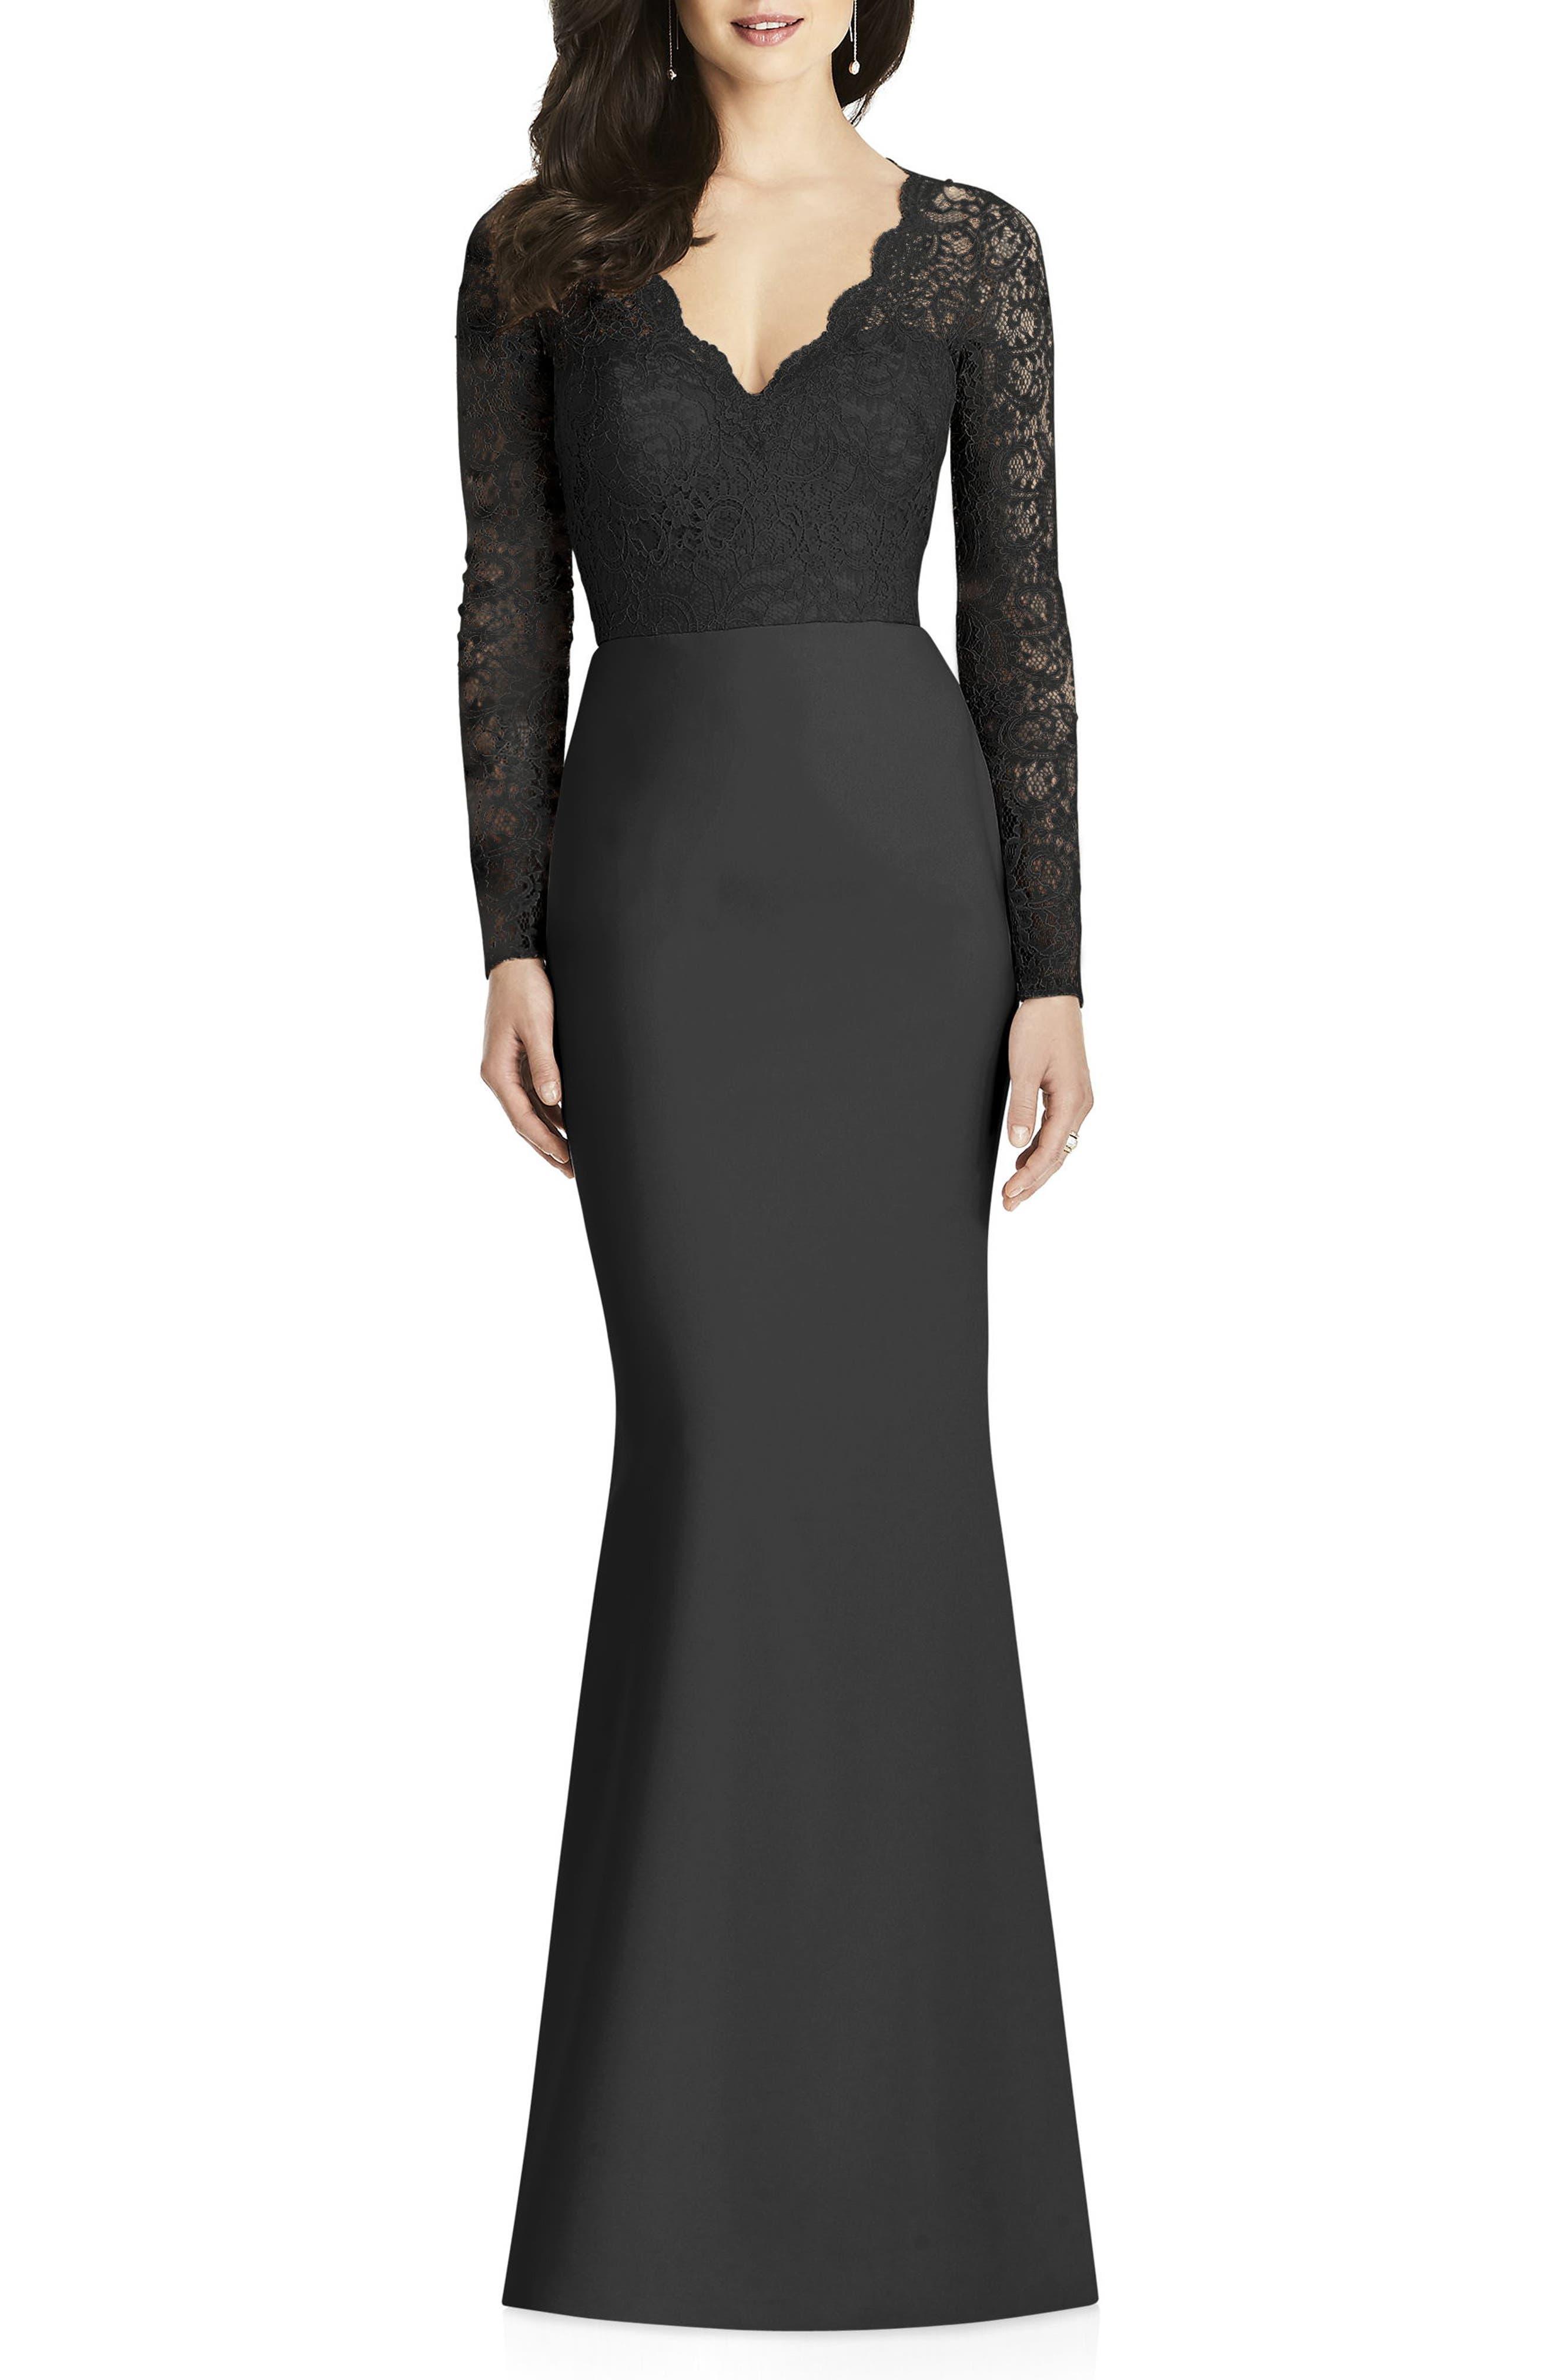 885788b0fb533 Women's Long Sleeve Dresses | Nordstrom